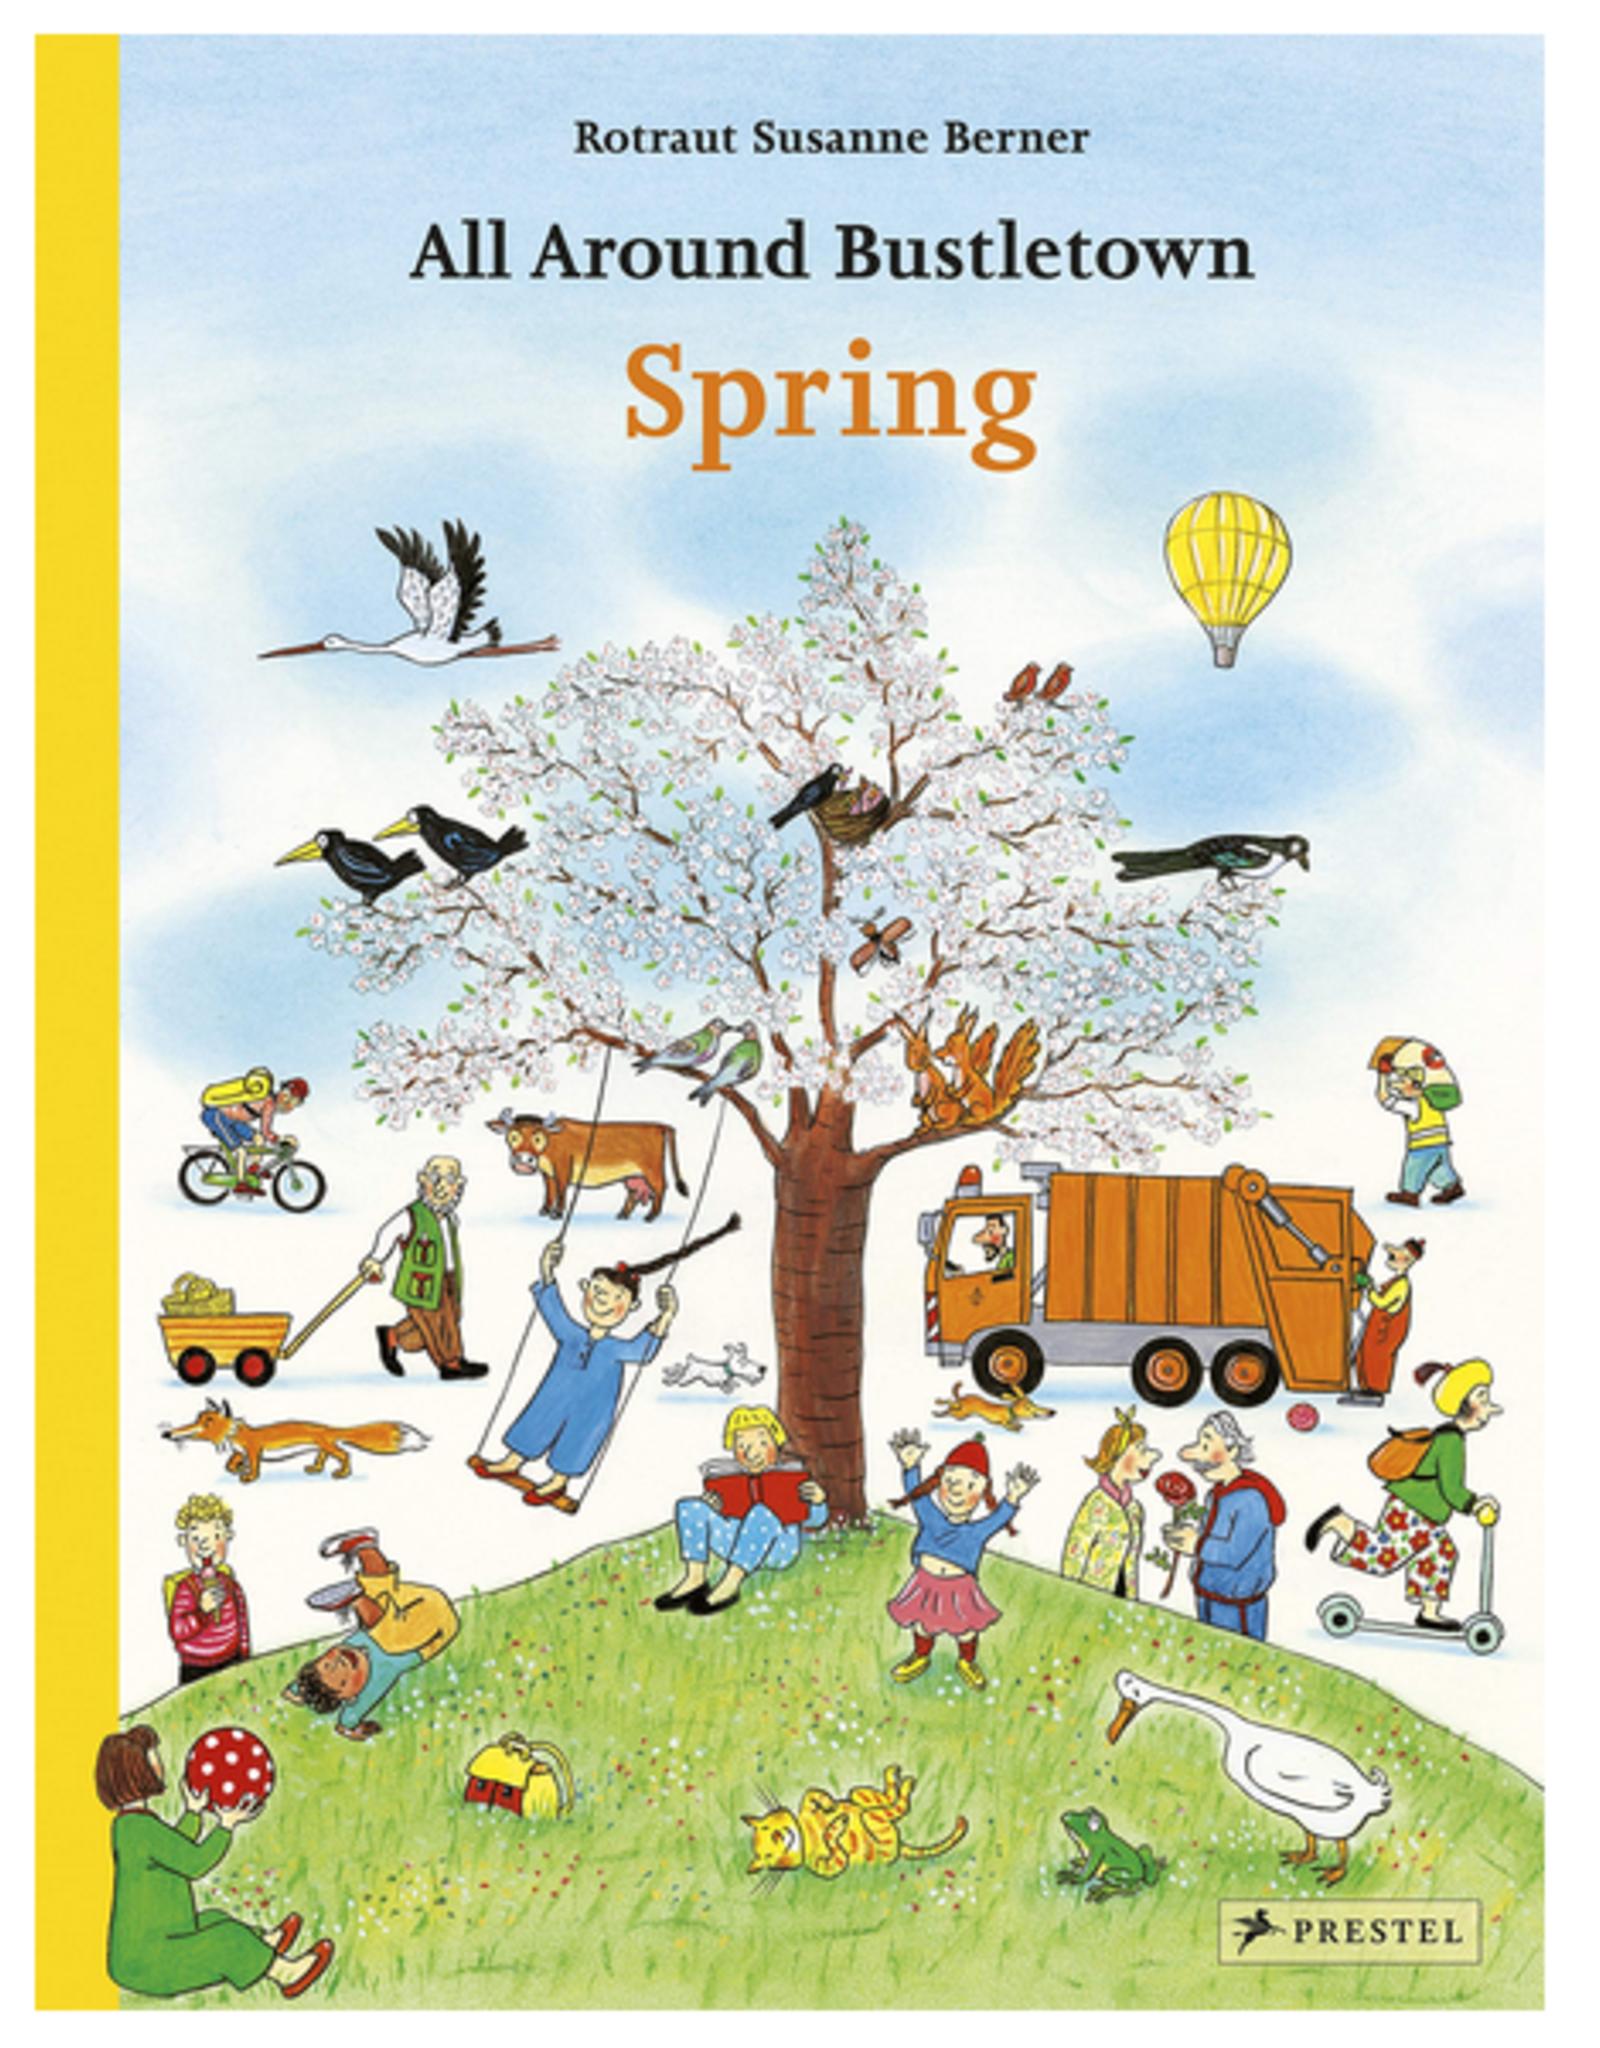 All Around Bustletown Spring